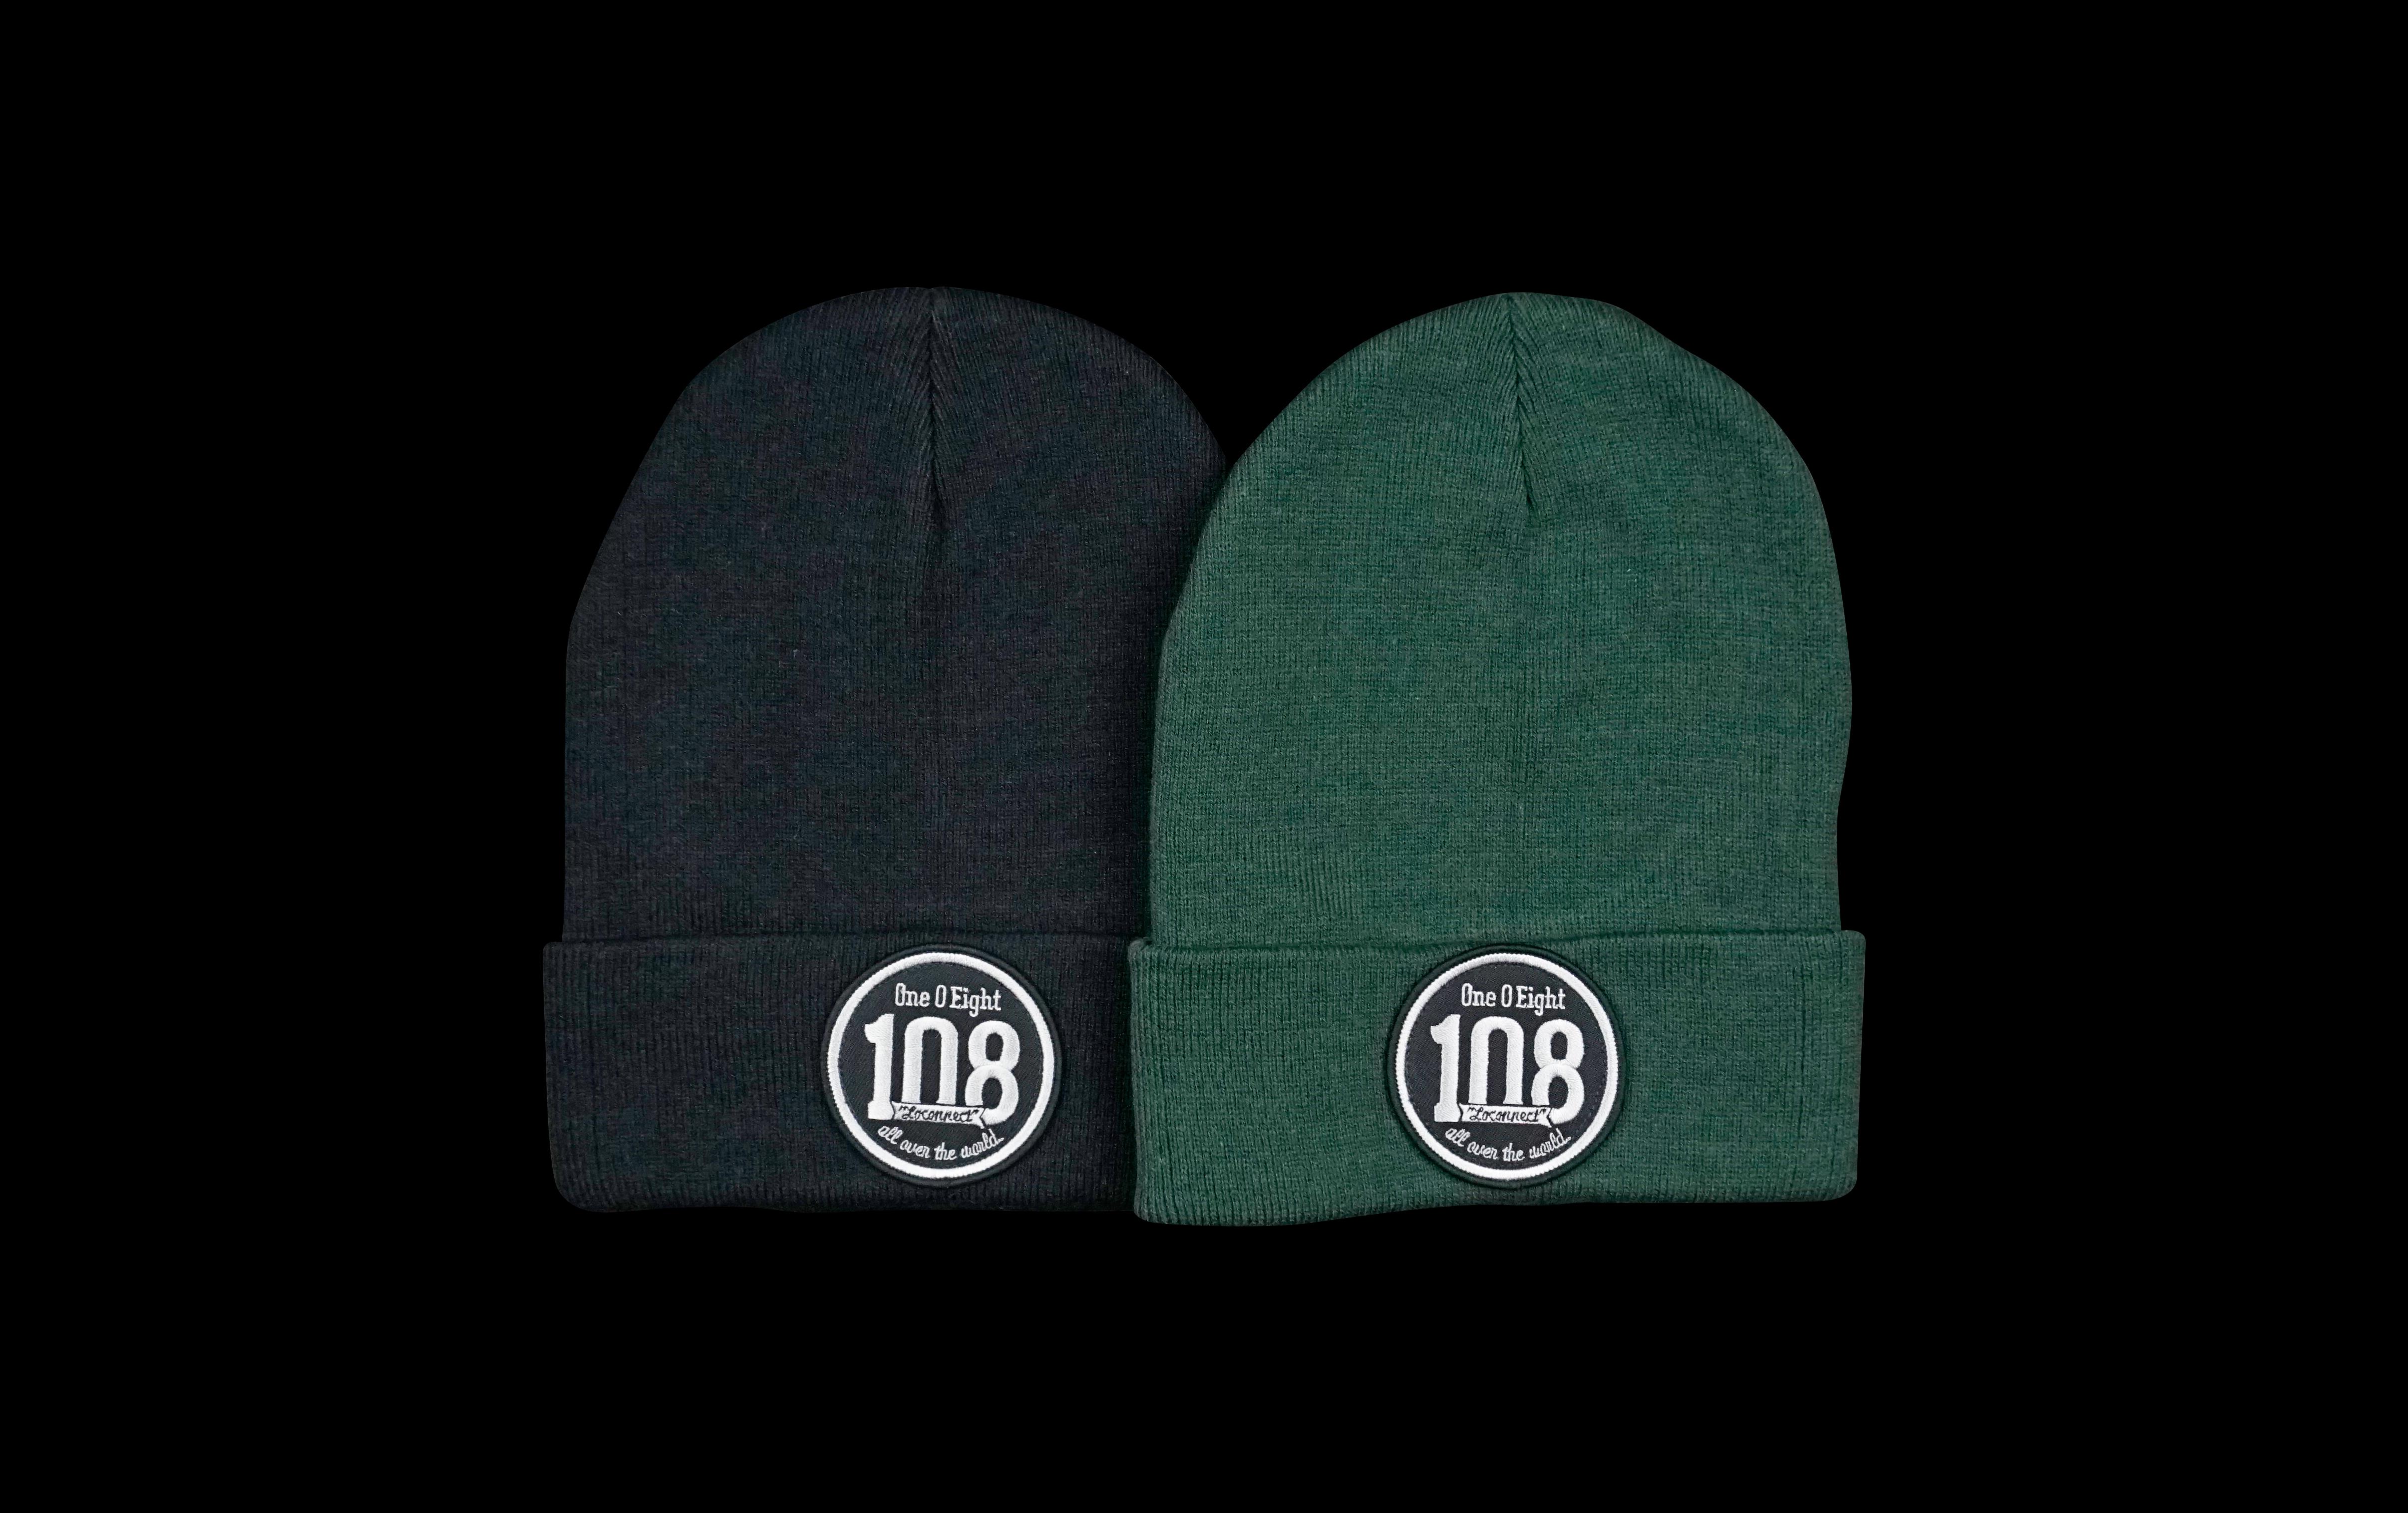 108ニット帽